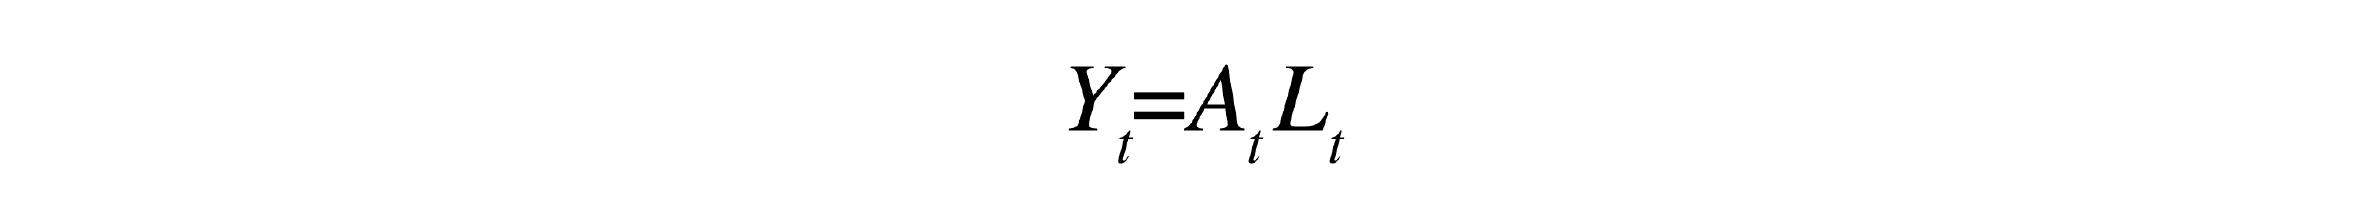 BBVA-OpenMind-Trabajo-Art 1-Formulas--13